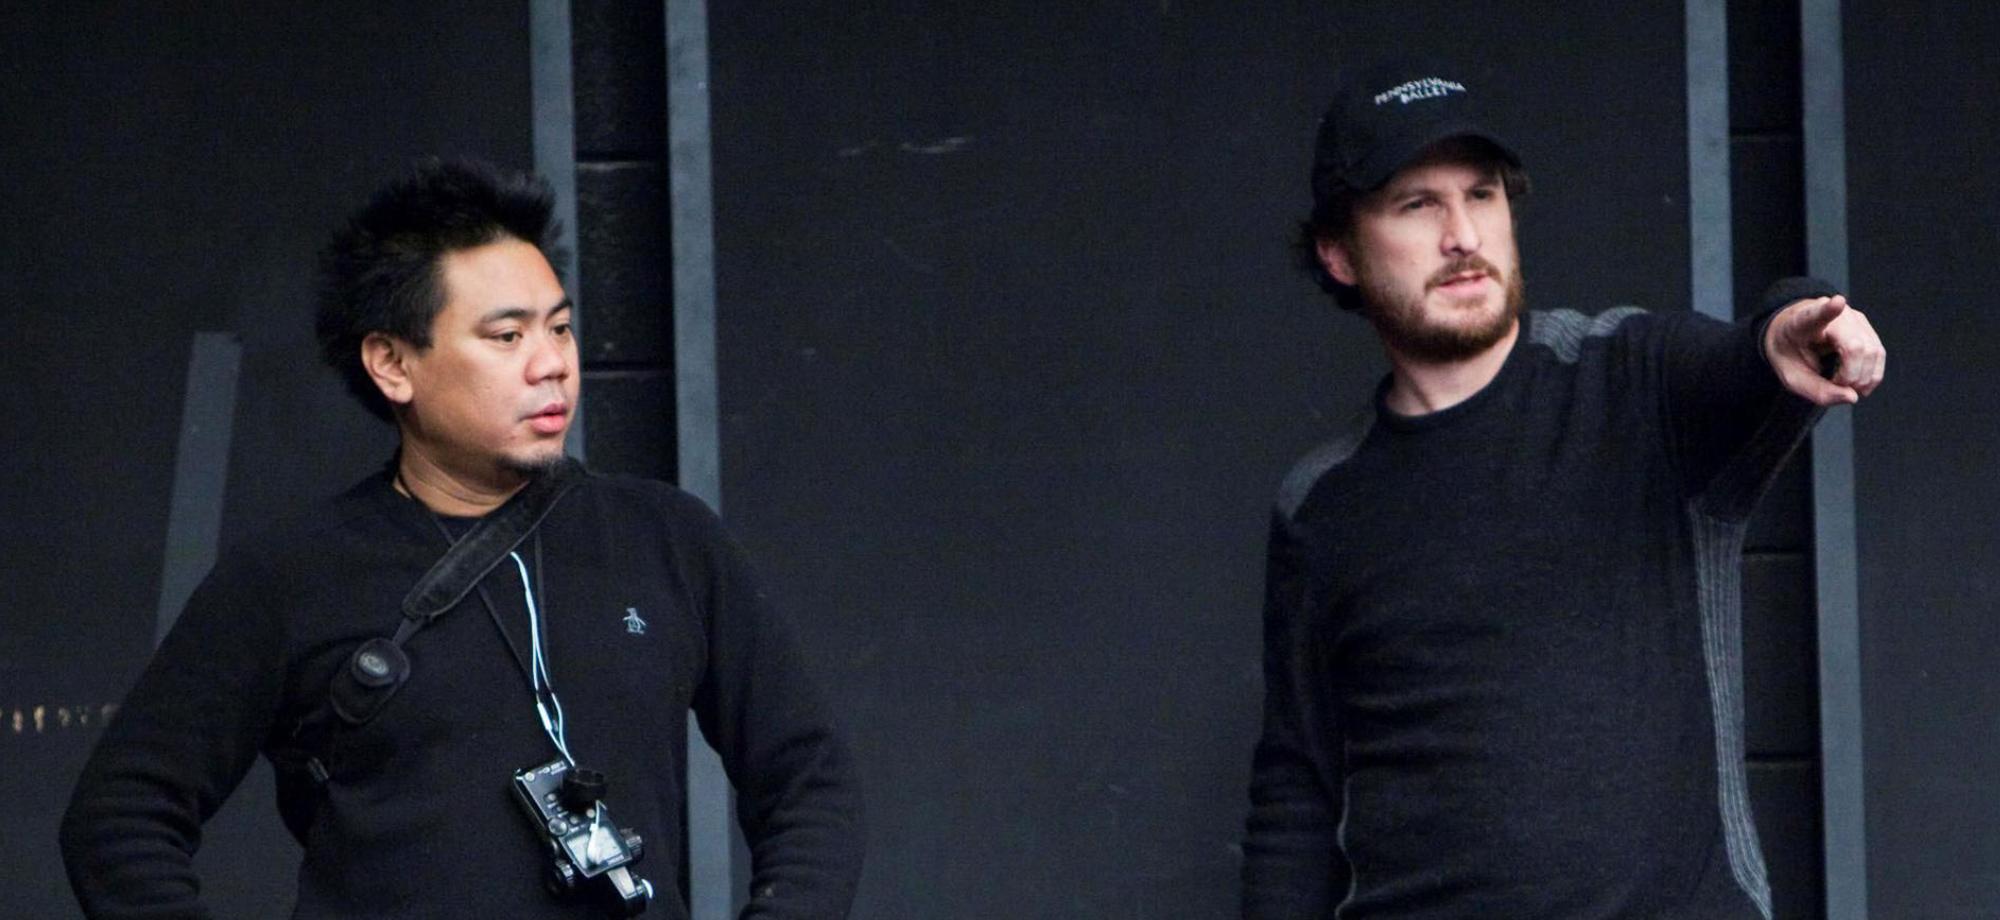 Black-Swan-Matthew-Libatique-Darren-Aronofsky